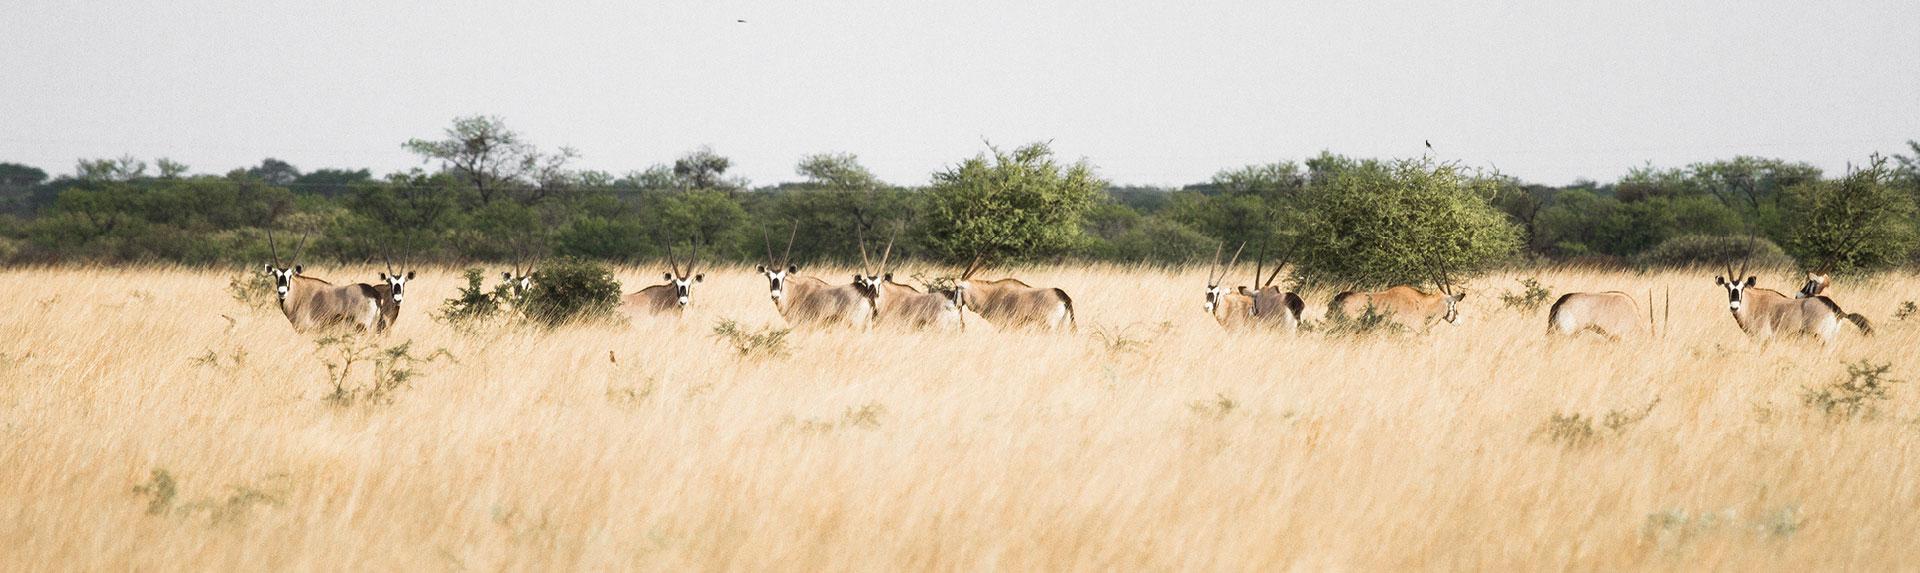 many-oryx-in-field